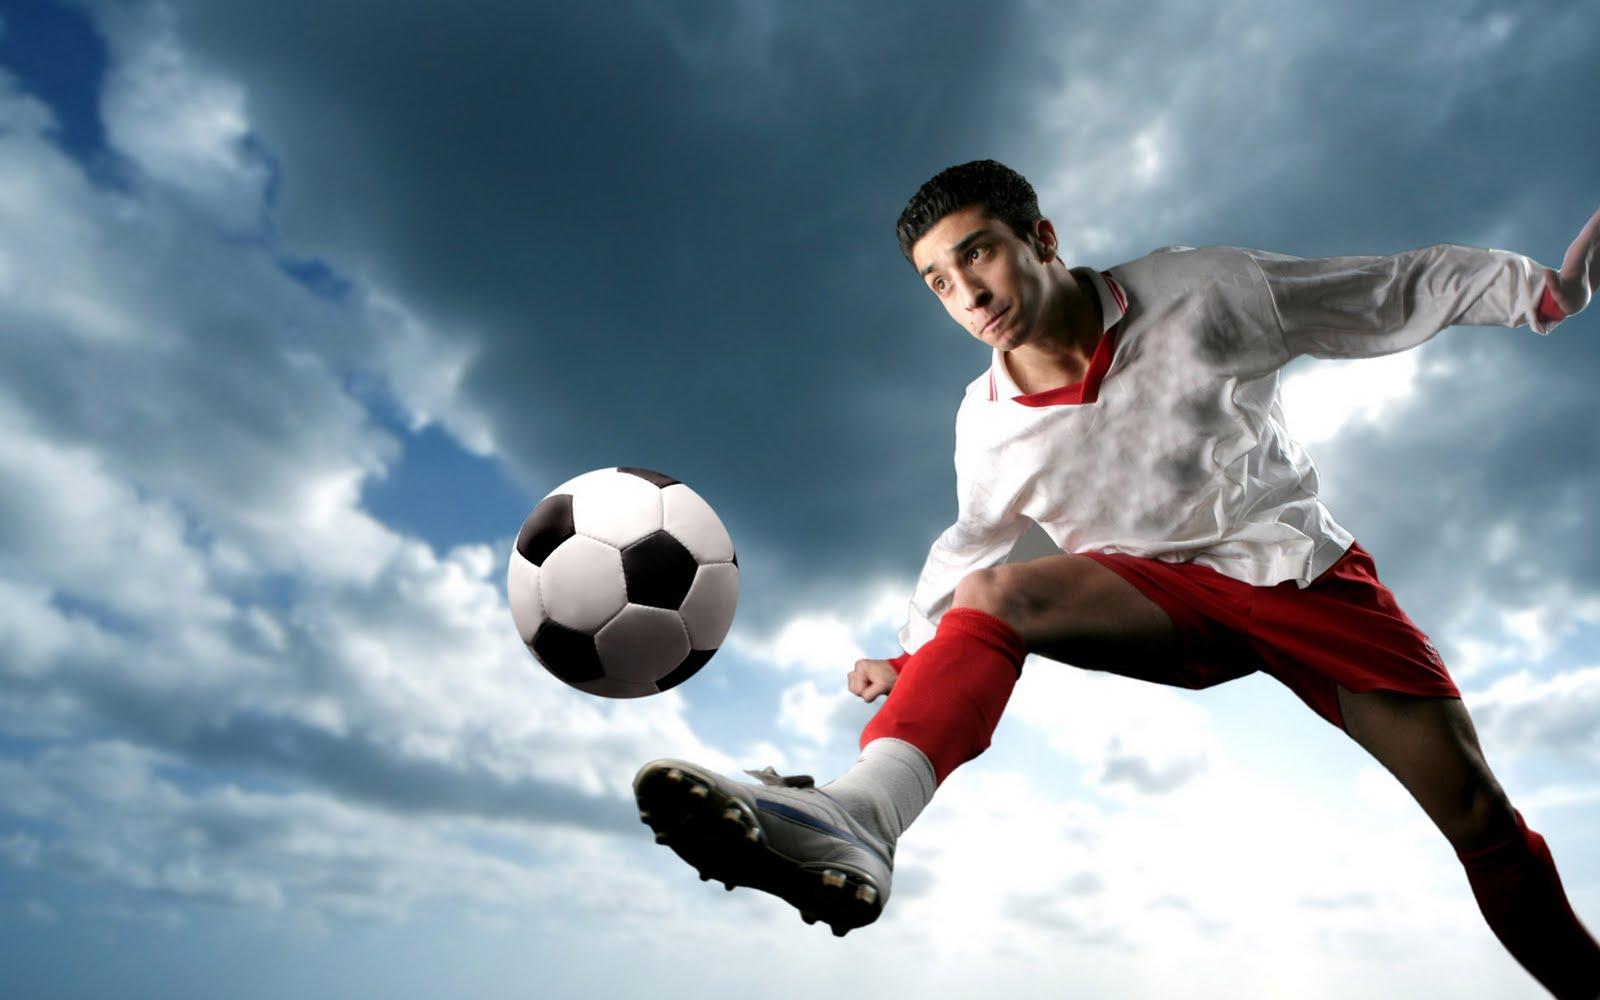 http://4.bp.blogspot.com/_JMdl-D4Jq6w/TDn8IBNU8TI/AAAAAAAANFc/RkHWwHbvwZ0/s1600/HD_Soccer_22.jpg